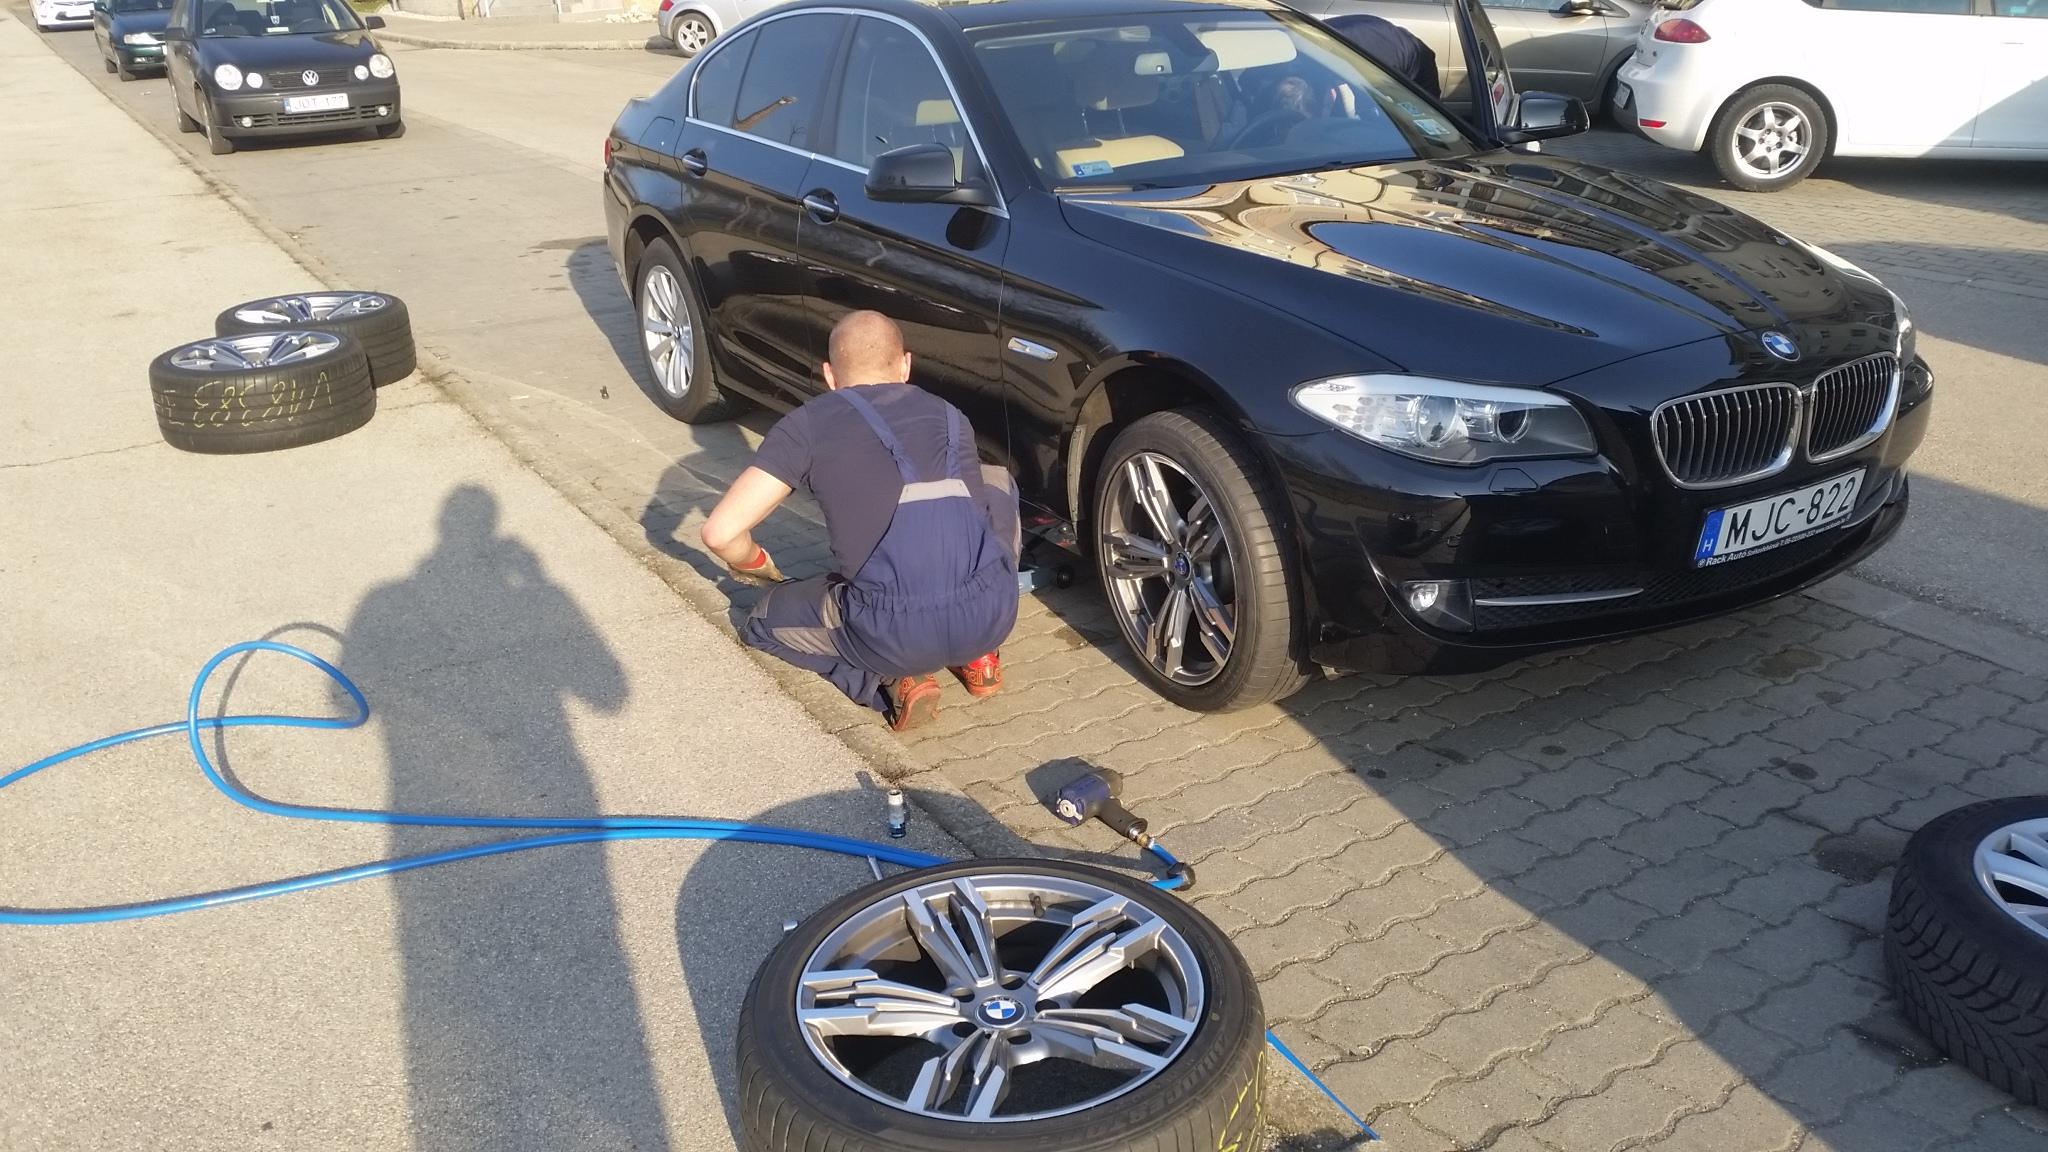 BMW gumicsere